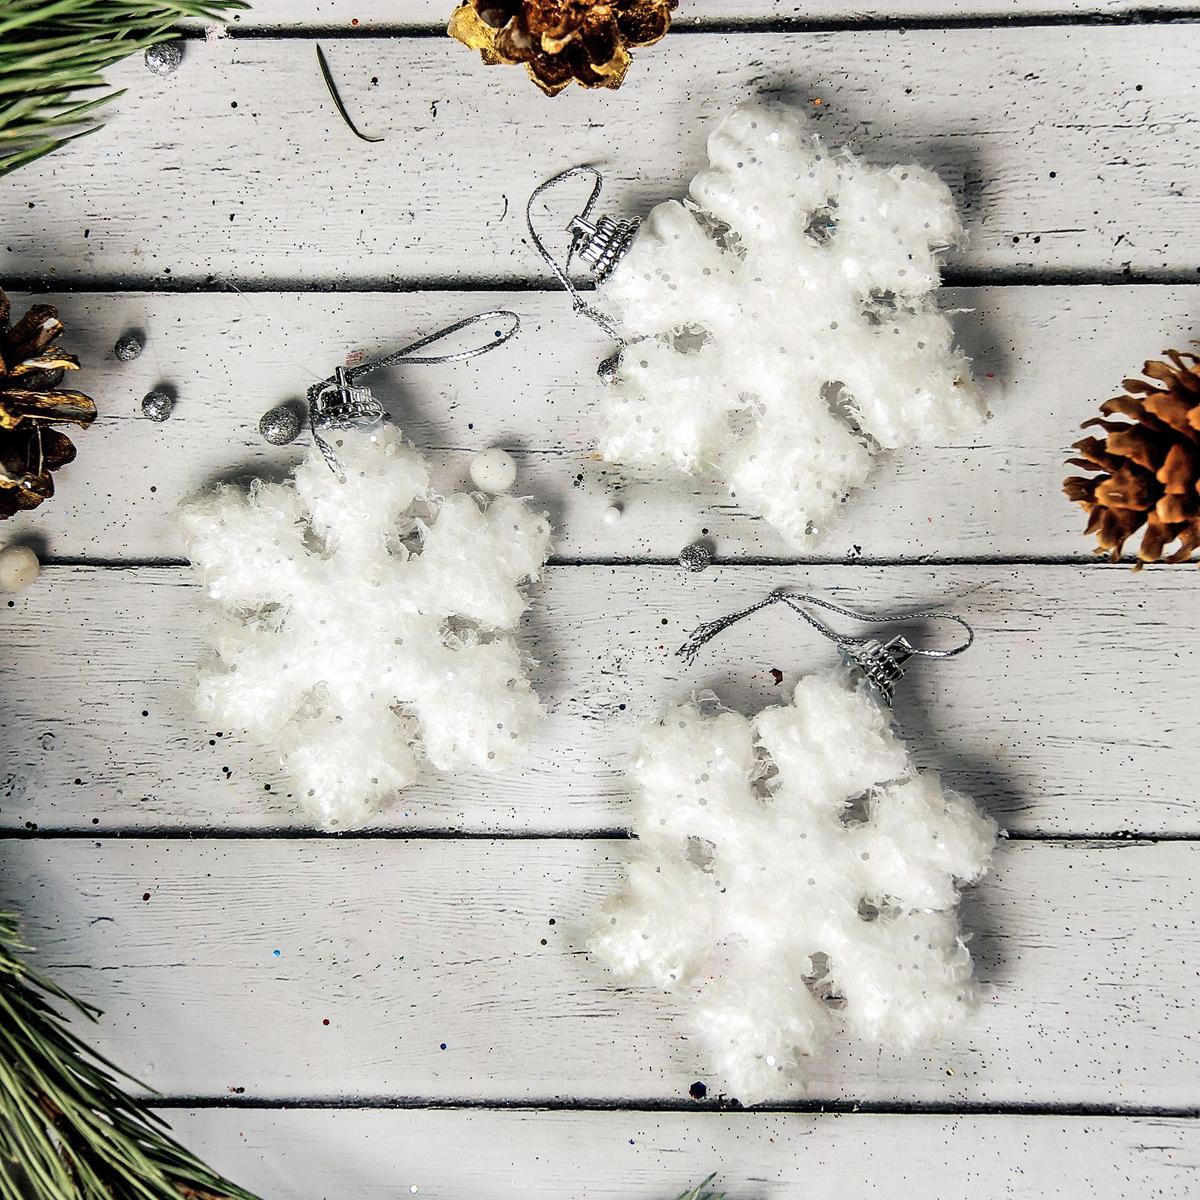 Набор новогодних подвесных украшений Sima-land Сахарное, 7 см, 6 шт2372163Набор новогодних подвесных украшений Sima-land отлично подойдет для декорации вашего дома и новогодней ели. Новогодние украшения можно повесить в любом понравившемся вам месте. Но, конечно, удачнее всего они будет смотреться на праздничной елке.Елочная игрушка - символ Нового года. Она несет в себе волшебство и красоту праздника. Такое украшение создаст в вашем доме атмосферу праздника, веселья и радости.